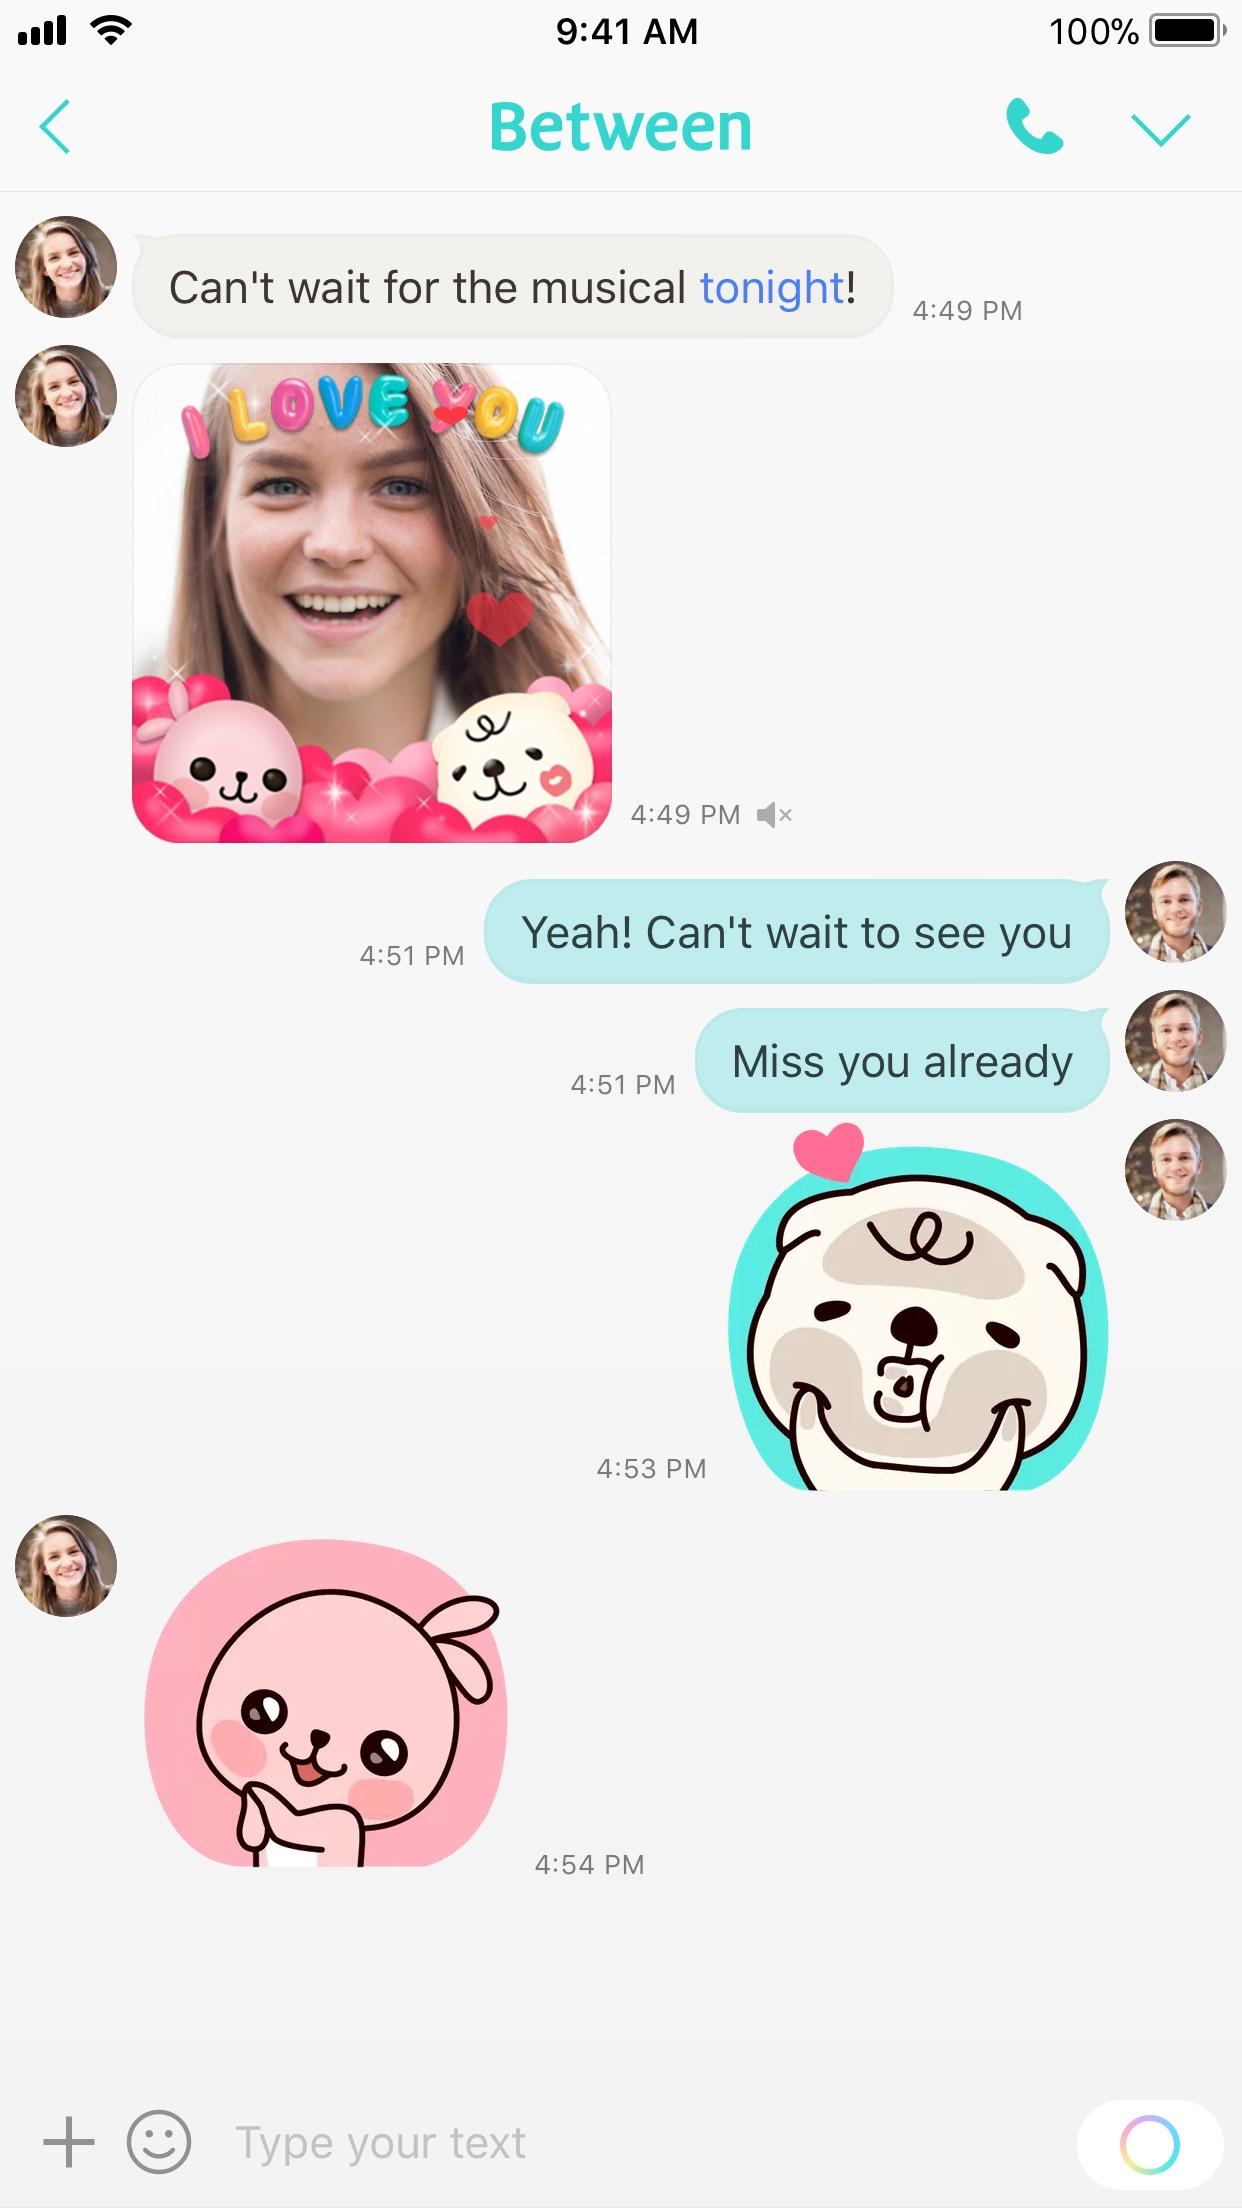 Between, The App Couples Love Screenshot